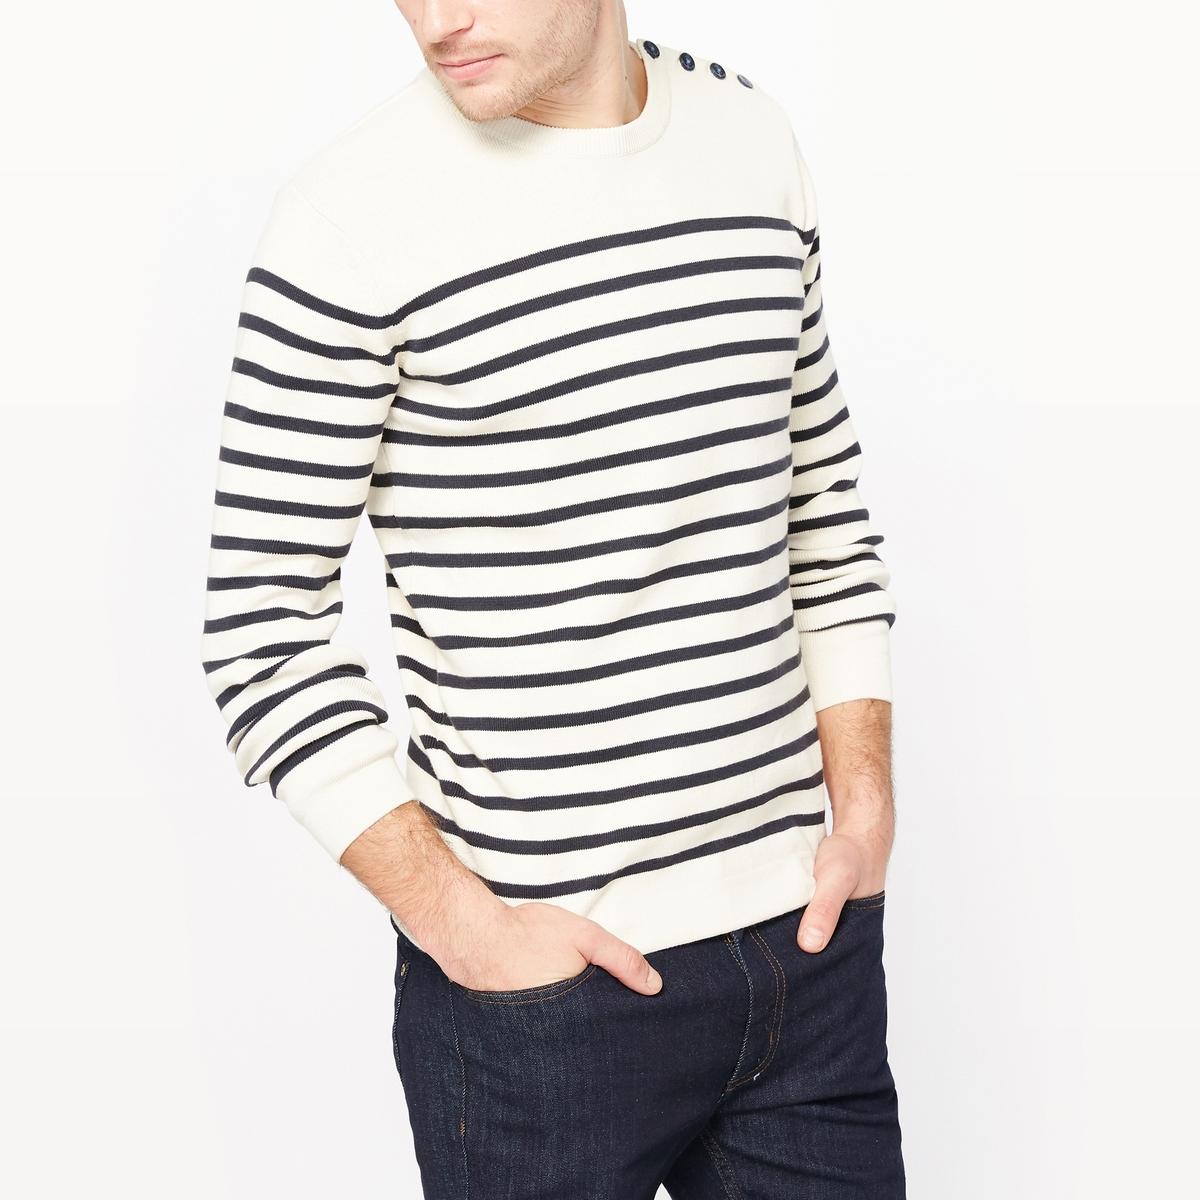 Пуловер-тельняшка с круглым вырезом, биохлопок